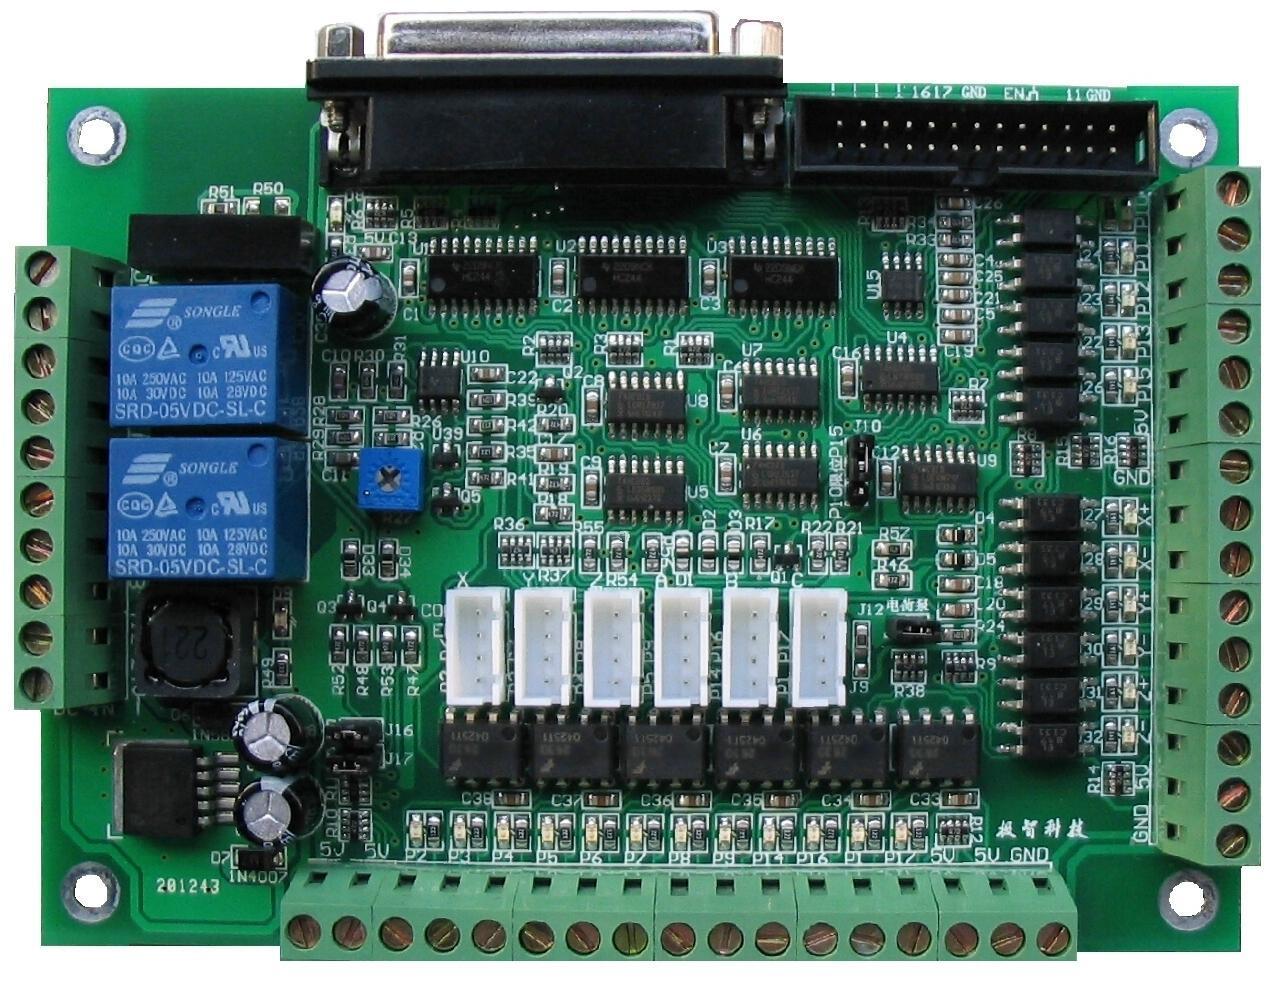 3-axis 4-axis 5-axis 6-axis High-speed Optocoupler CNC Machine Interface Board MACH3 Engraving Machine Foam Cutting Machine